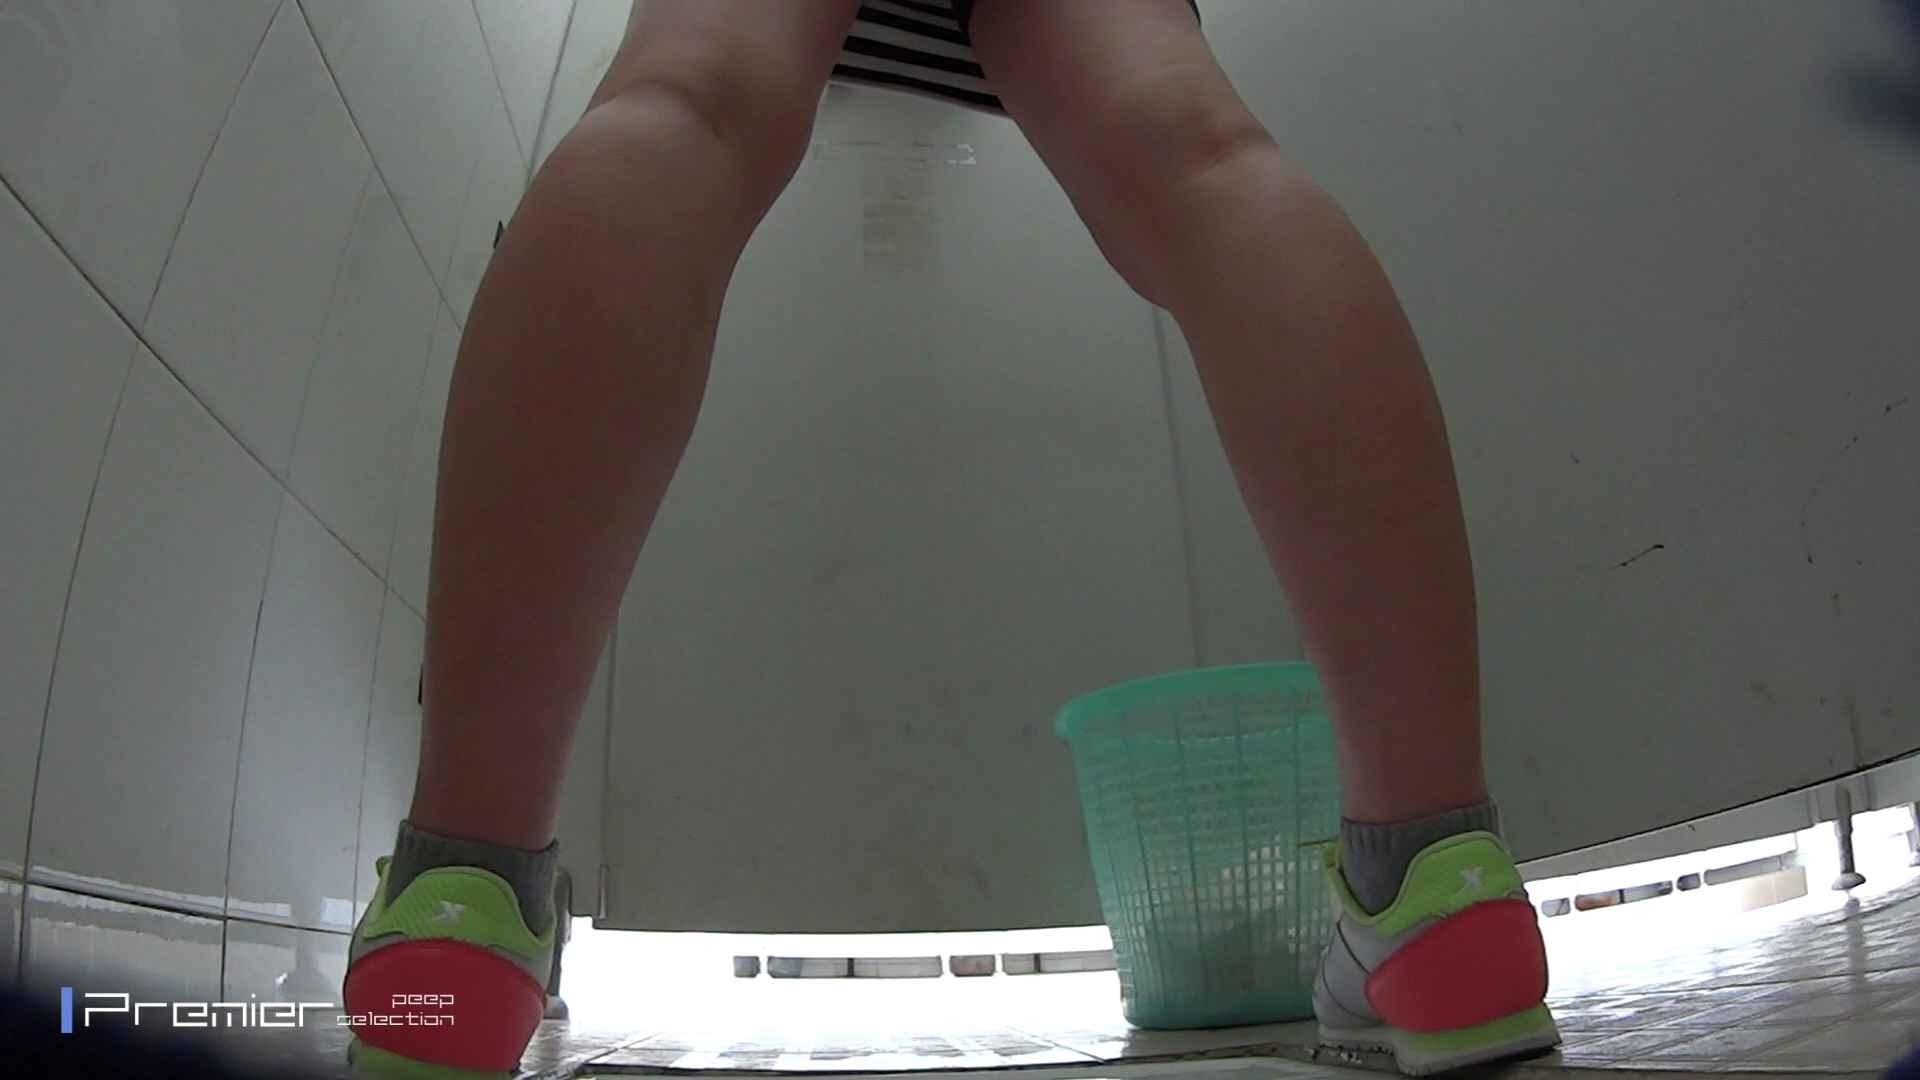 美しい女良たちのトイレ事情 有名大学休憩時間の洗面所事情06 盗撮  84pic 15